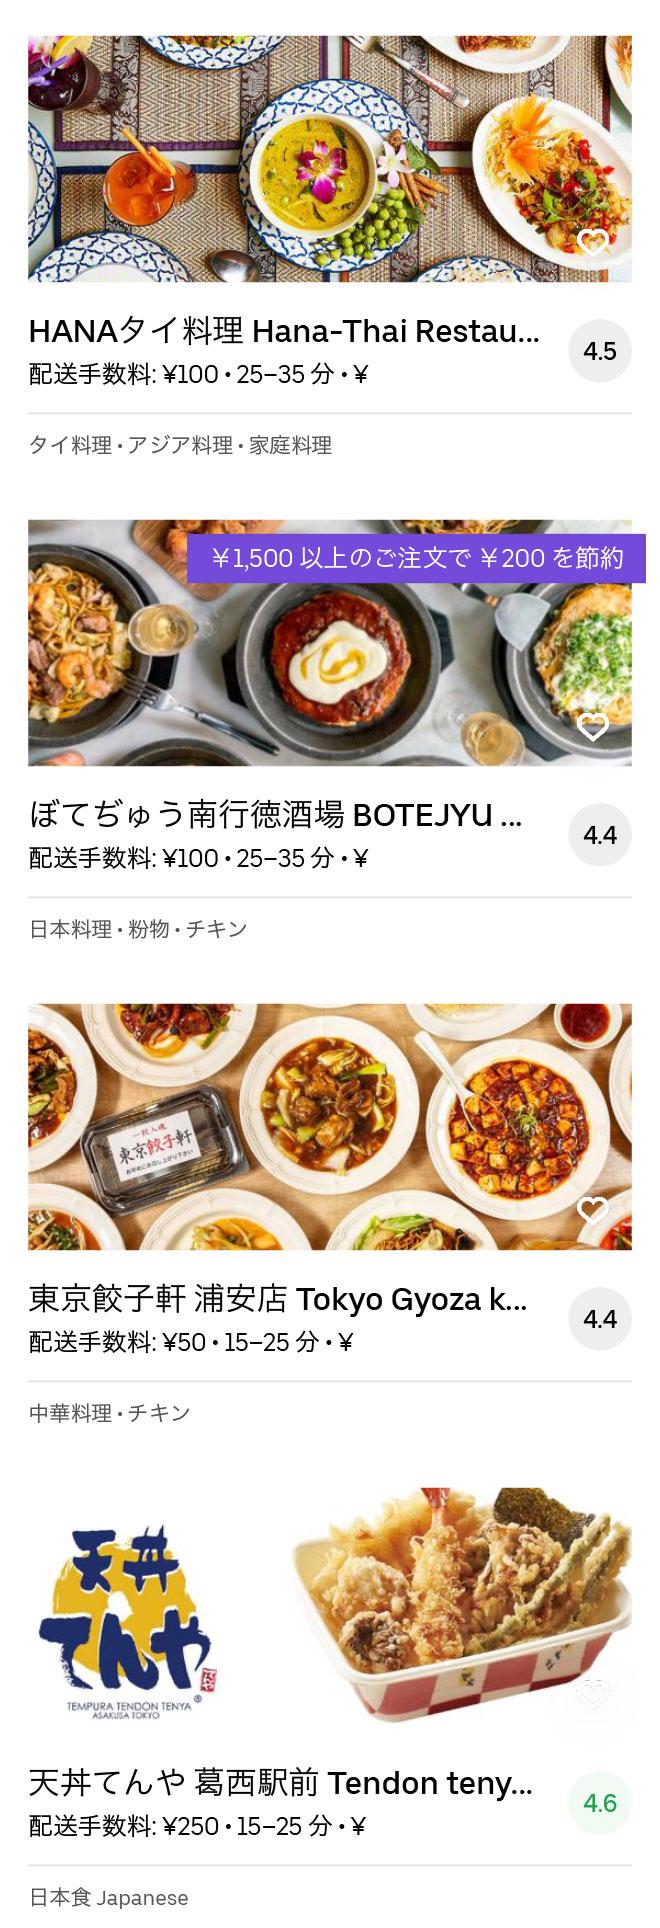 Urayasu menu 200407